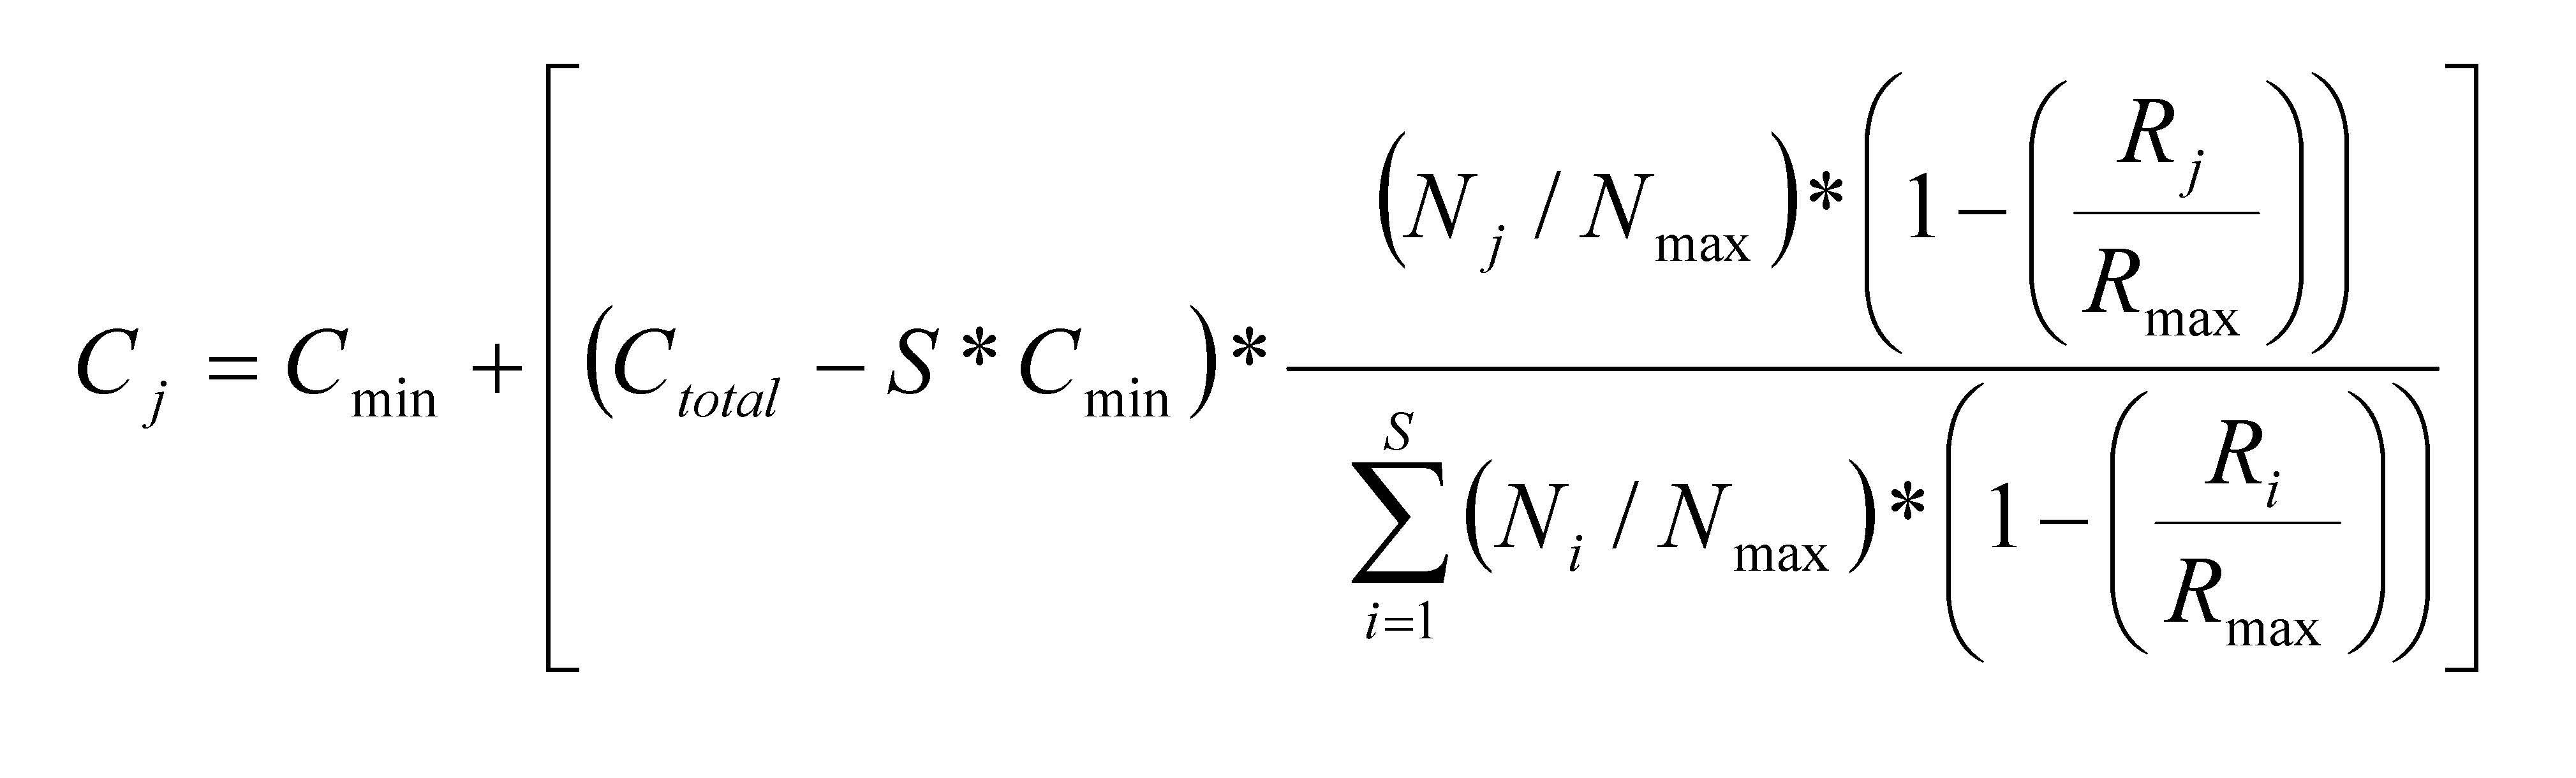 La fórmula secreta de becas grande